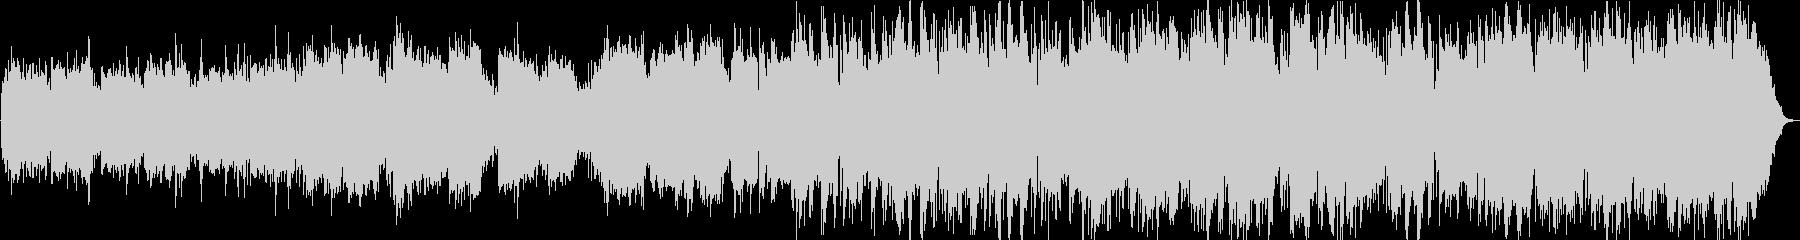 鐘の音と生演奏の笛の長閑なヒーリング音楽の未再生の波形